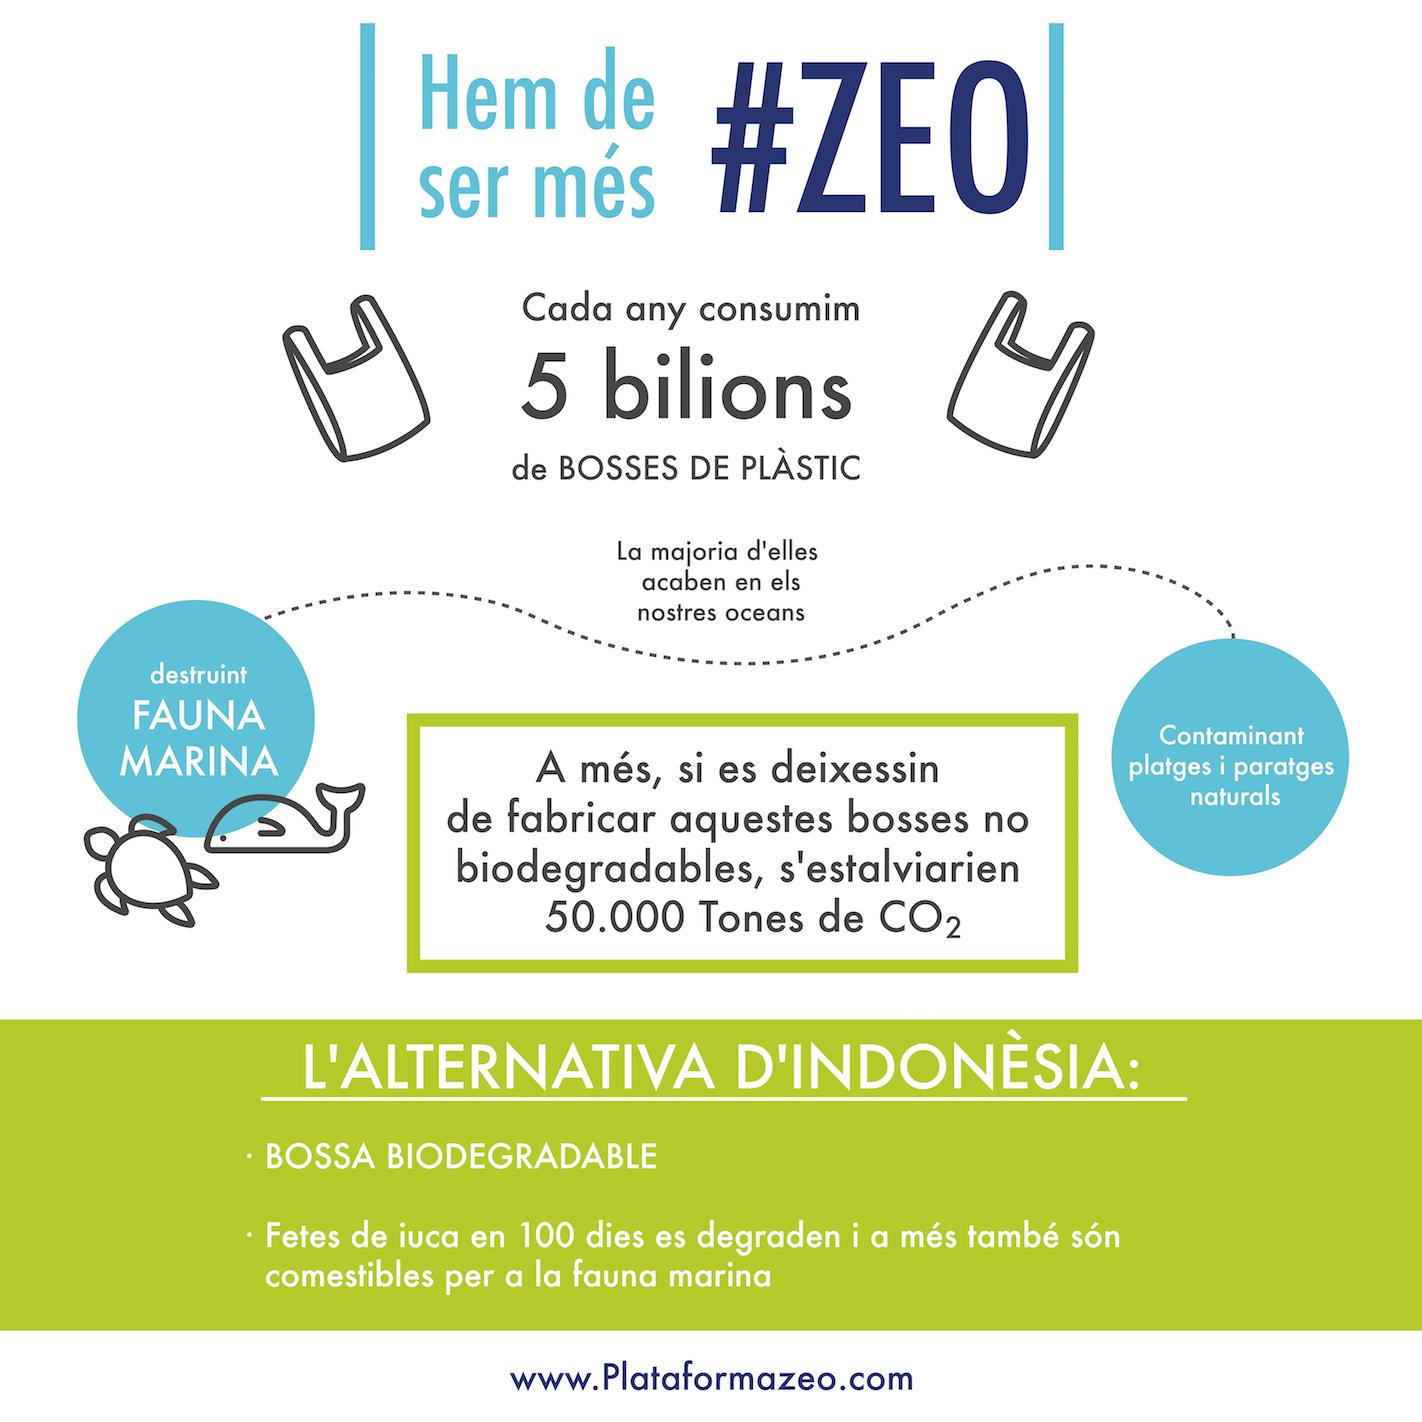 Les bosses biodegradables de iuca son la salvació dels oceans